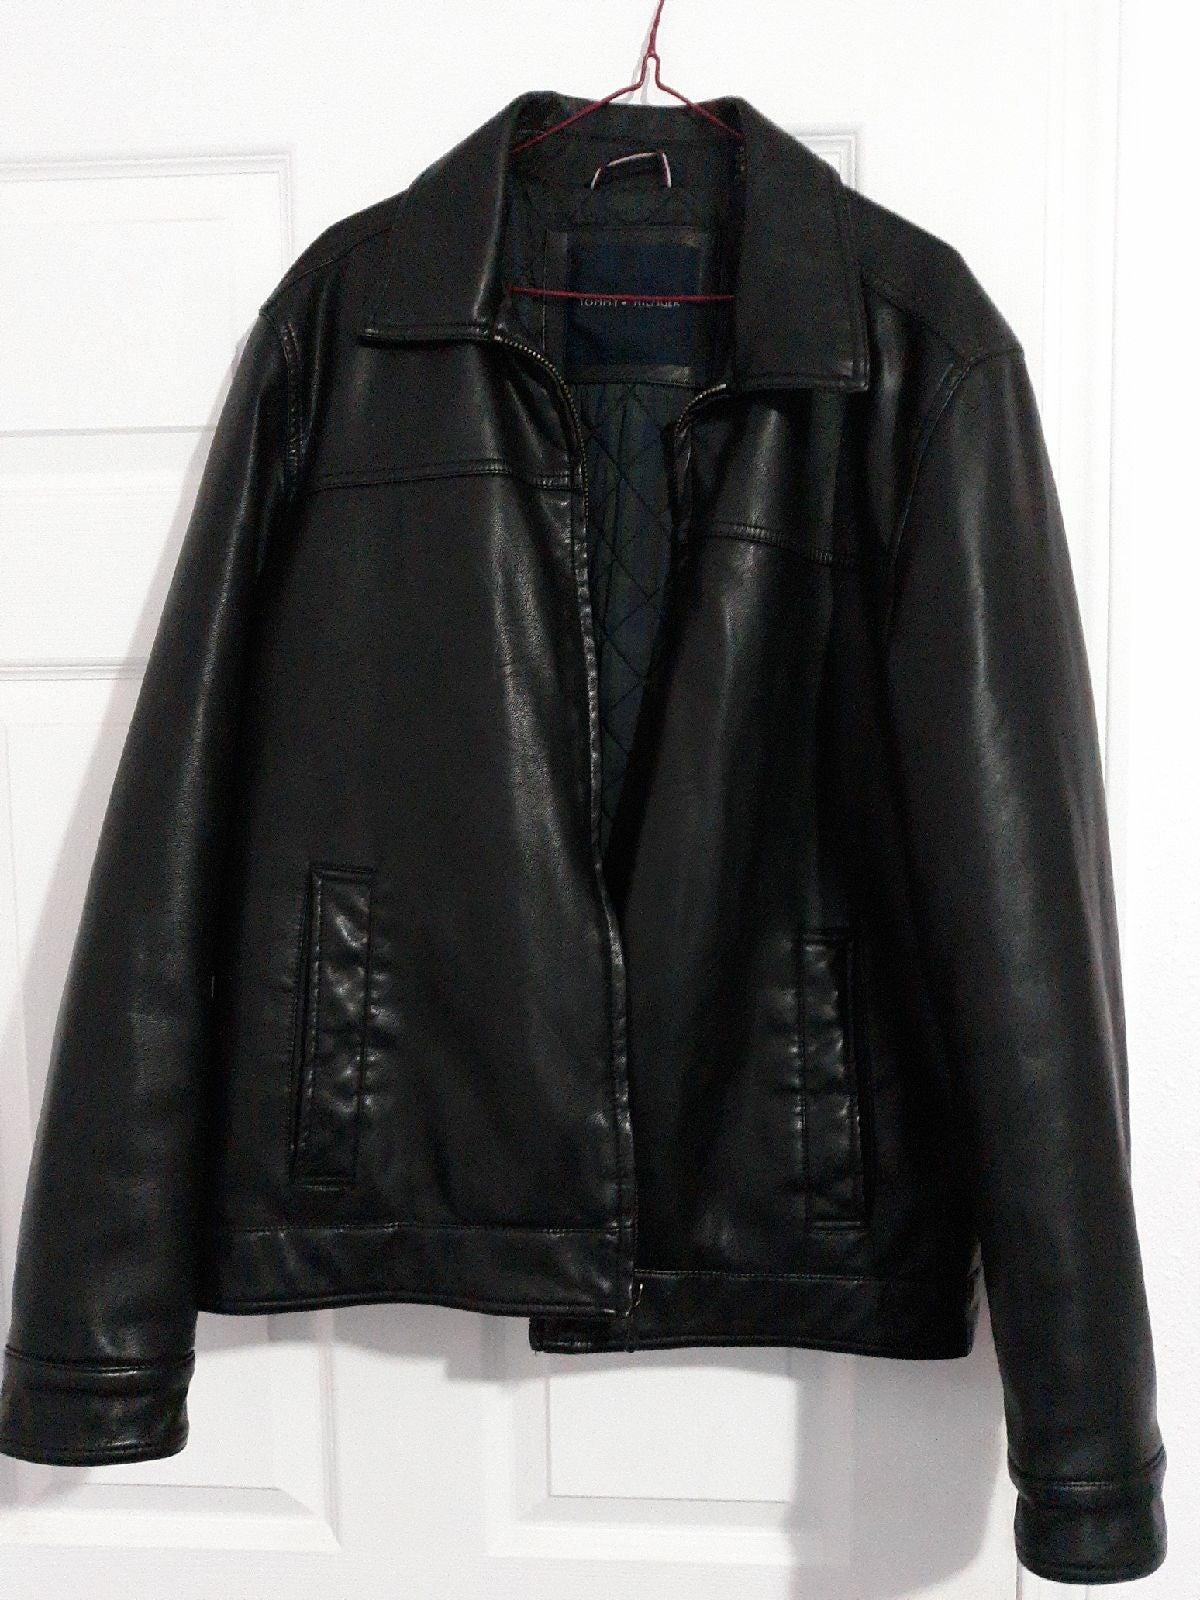 Black Tommy Hilfiger leather jacket